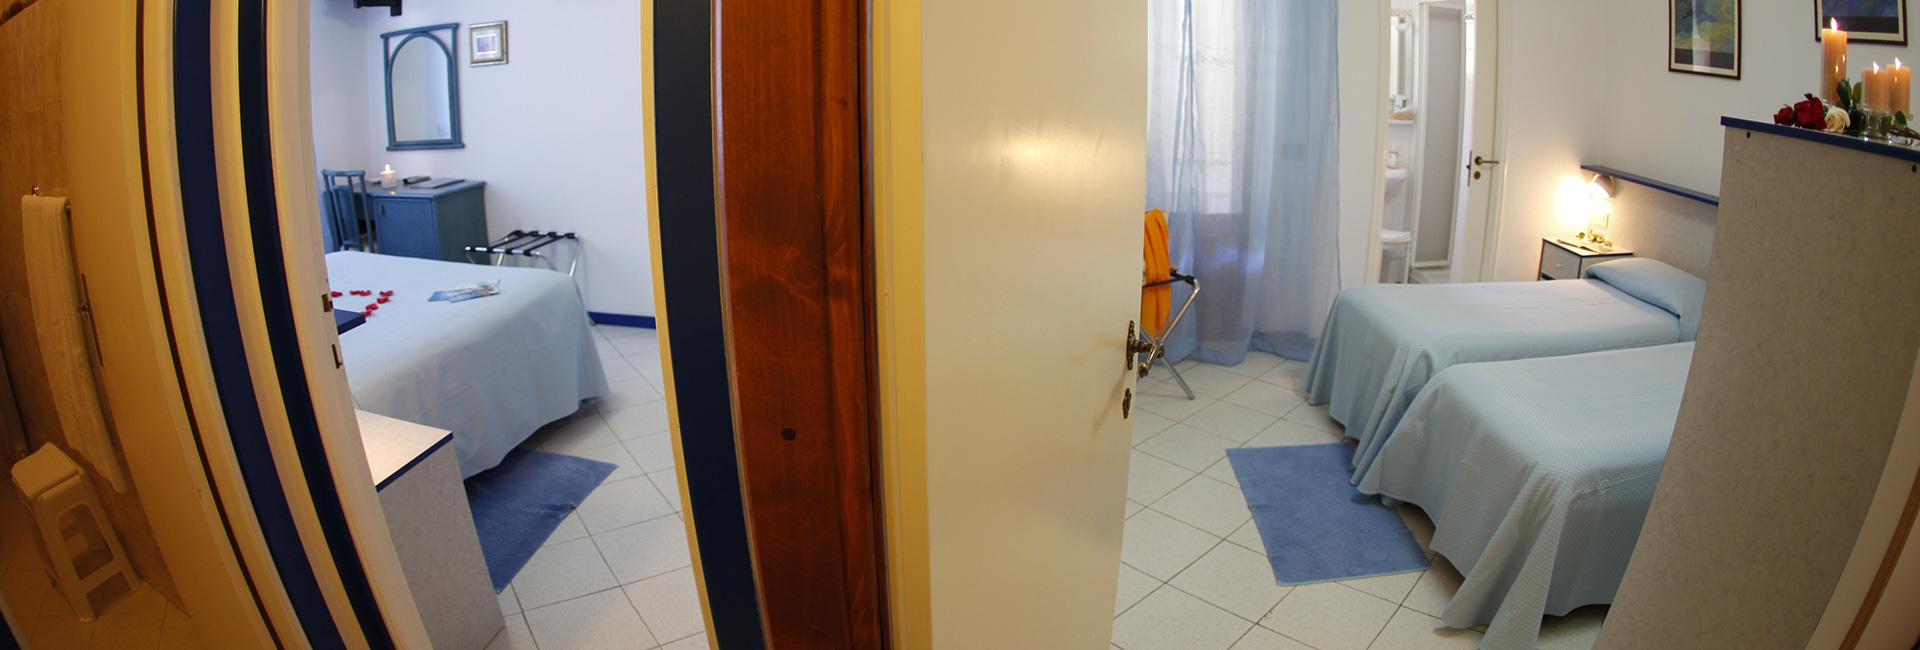 Zimmer Familie Blau Hotel Galli